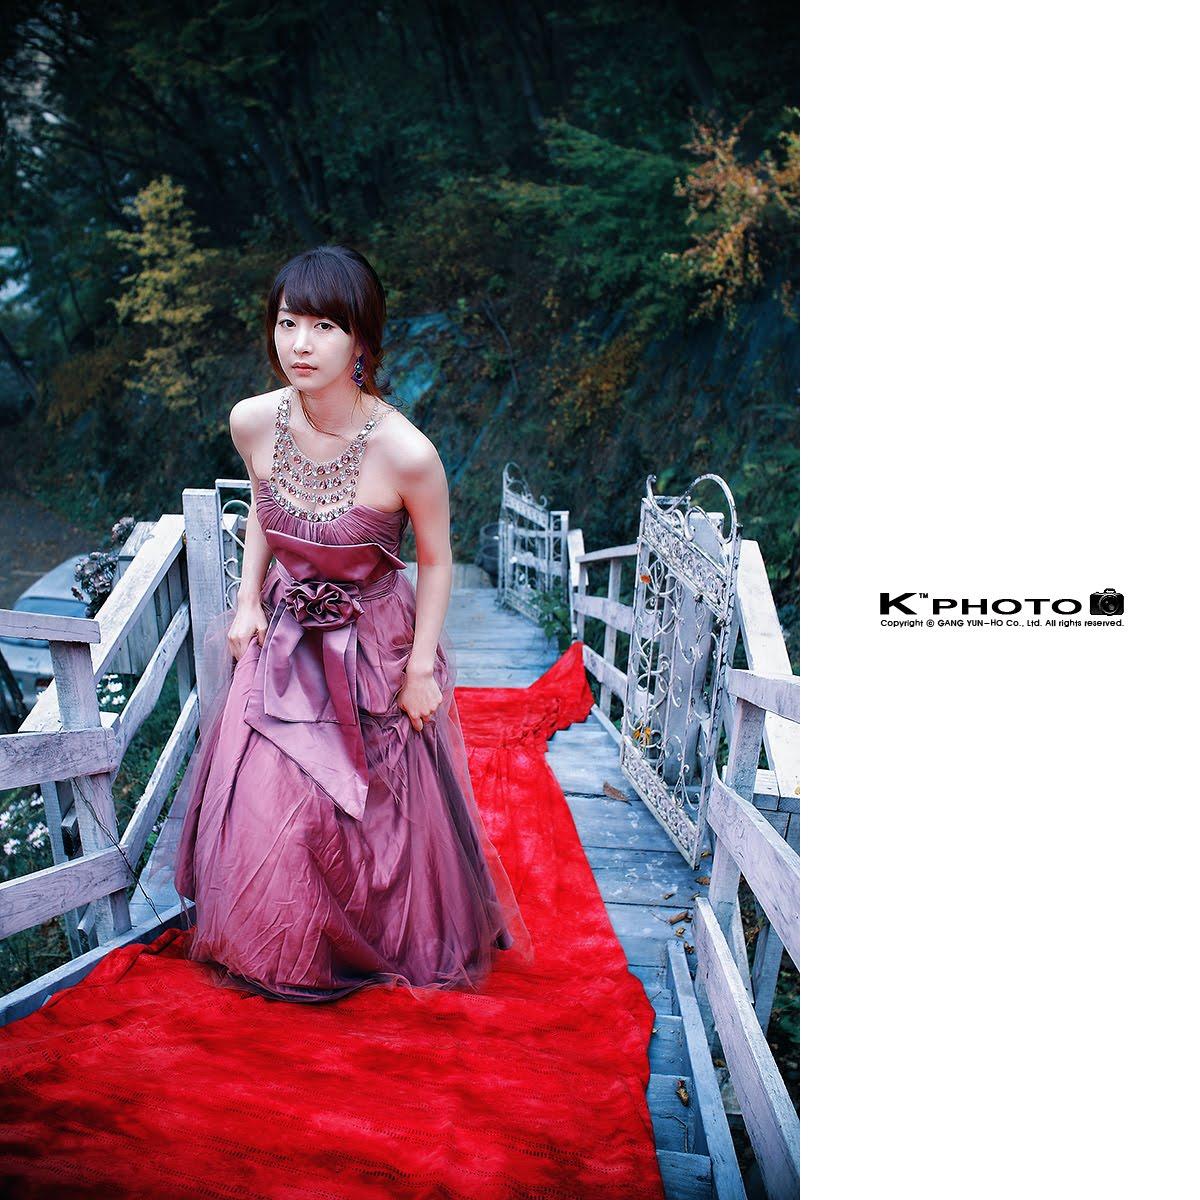 无限的相思愁 (wú xiàn dí xiāng sī chóu) - Non ending of Lovesickness and Worry 又伤了我心头 (yòu shāng liǎo wǒ xīn tóu) - And yet hurt my heart